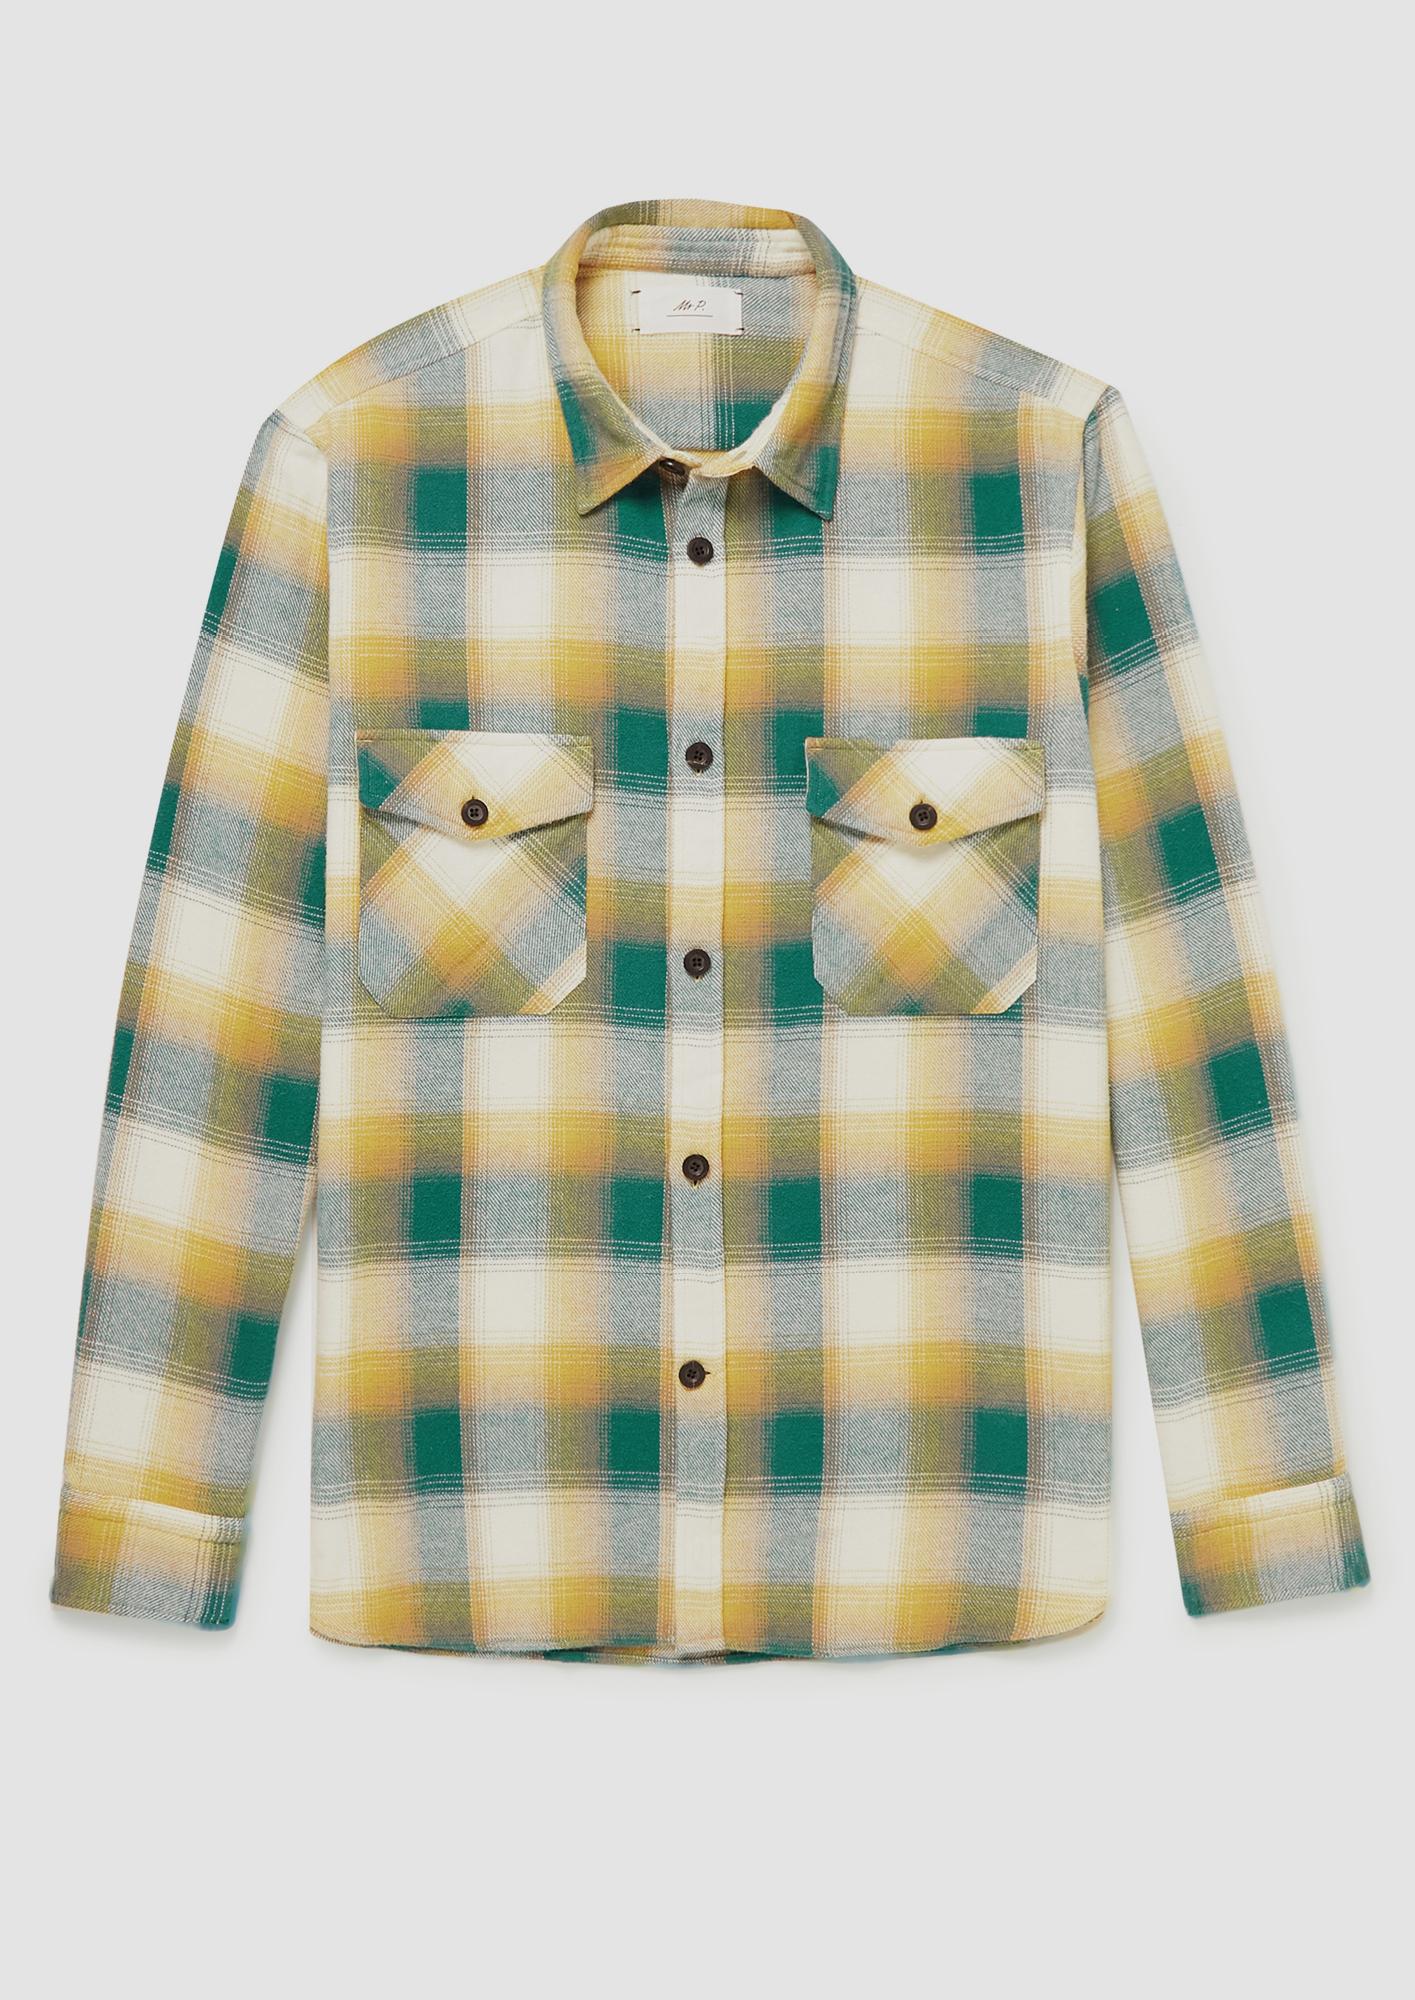 MR P shirt